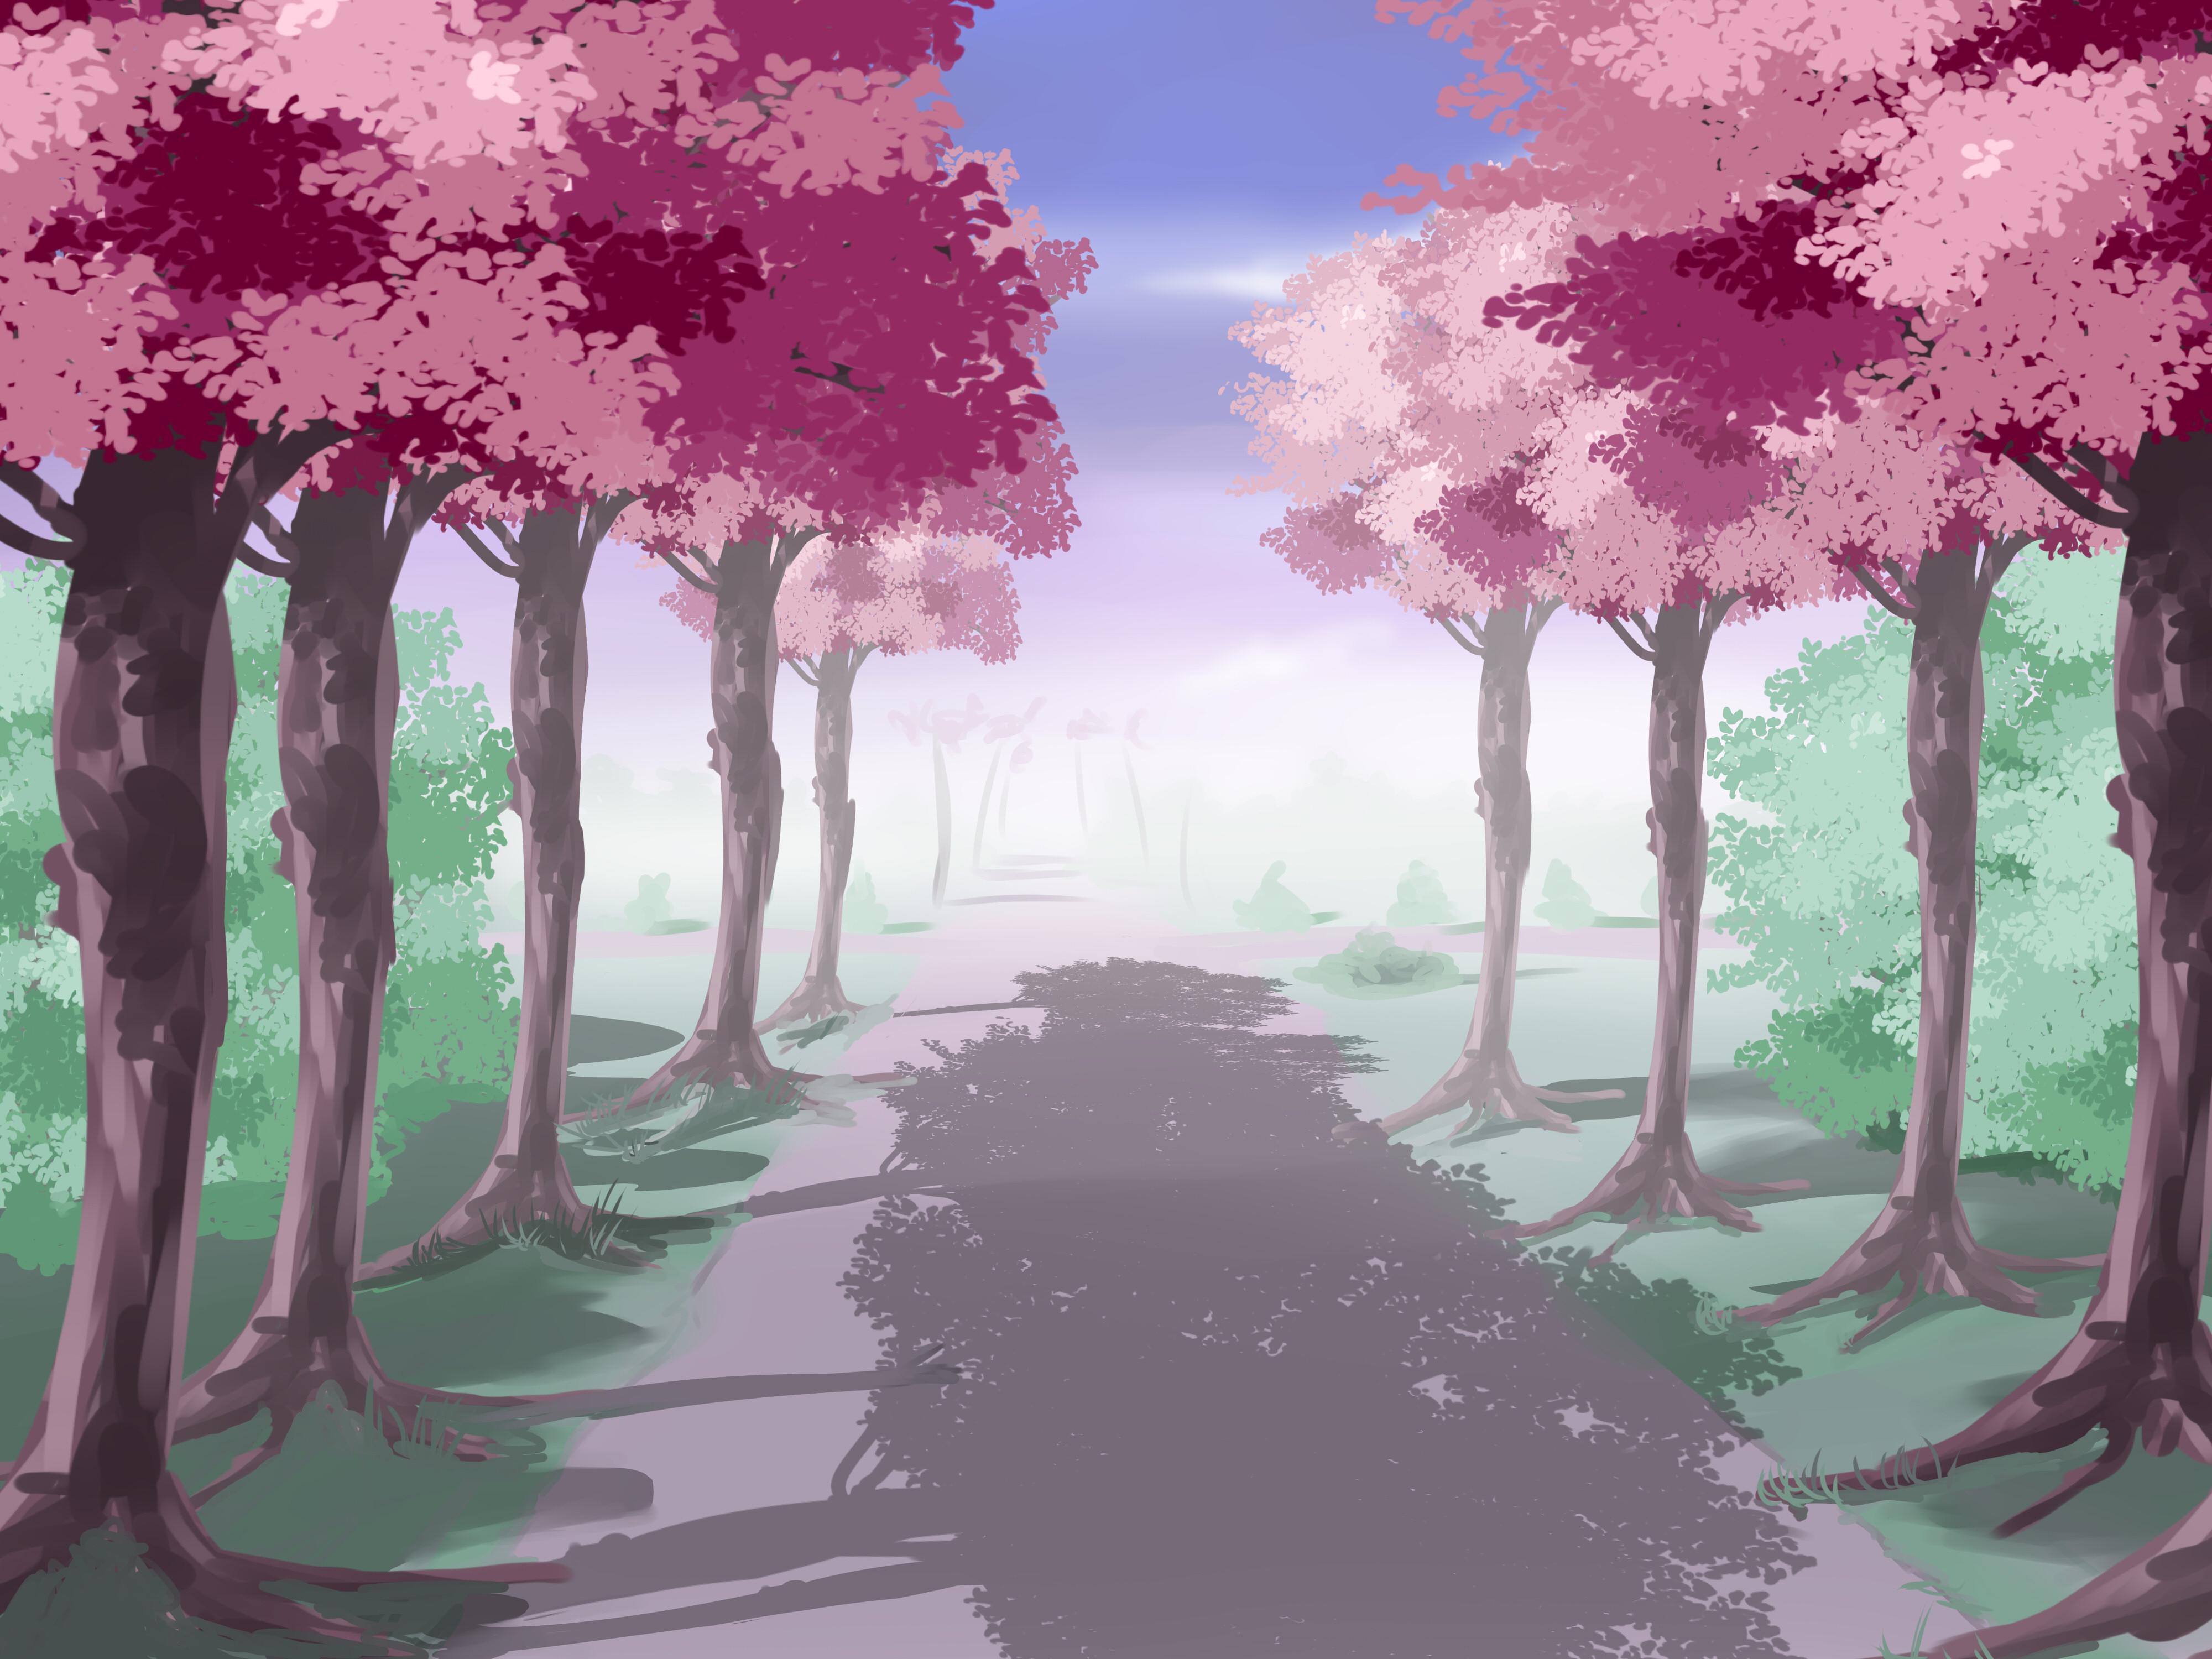 Anime House Background Anime style treed lane 4000x3000